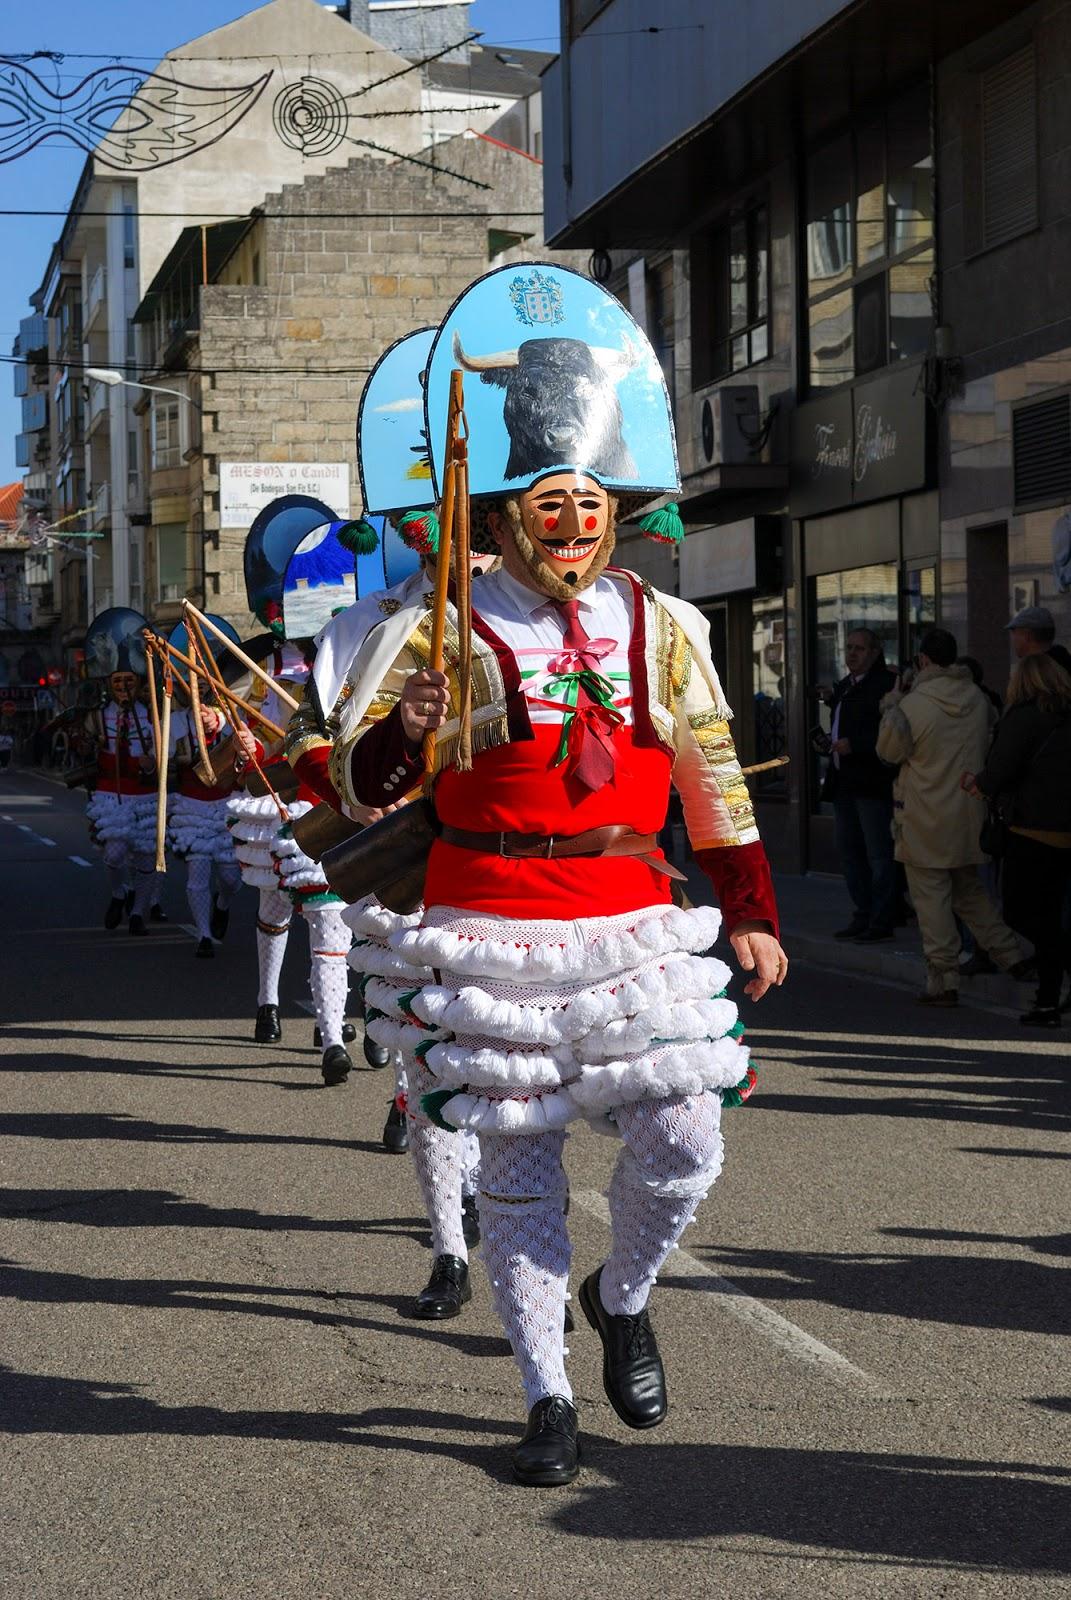 verin entroido cigarron ourense galicia carnaval carnival spain costume